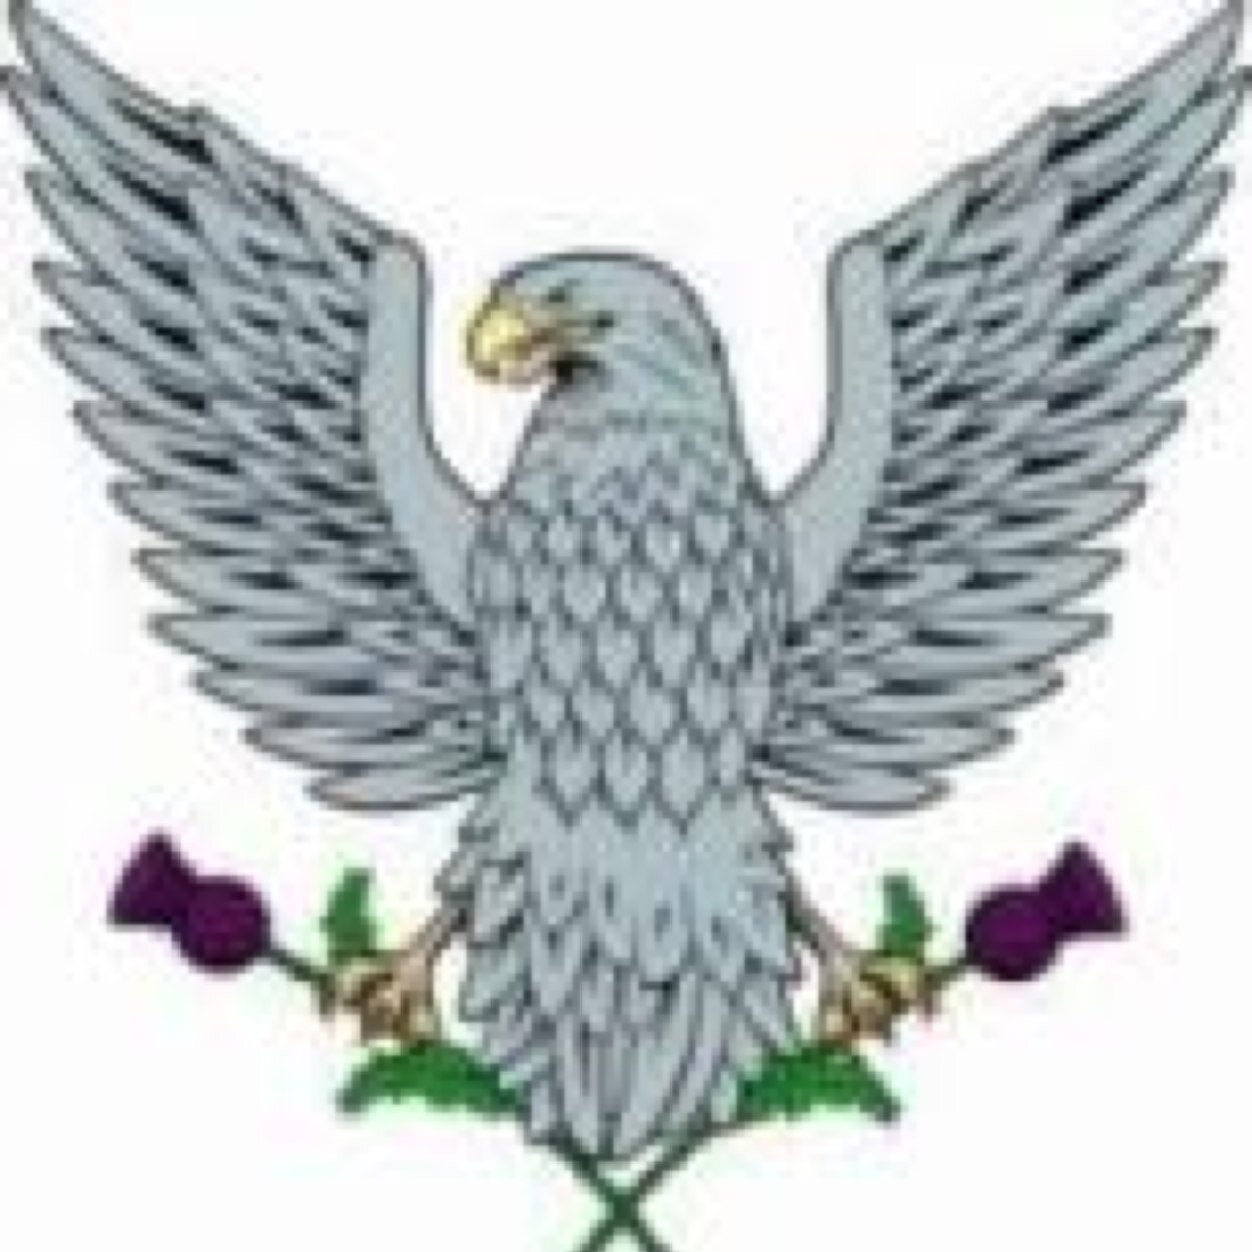 39 Engineer Regiment